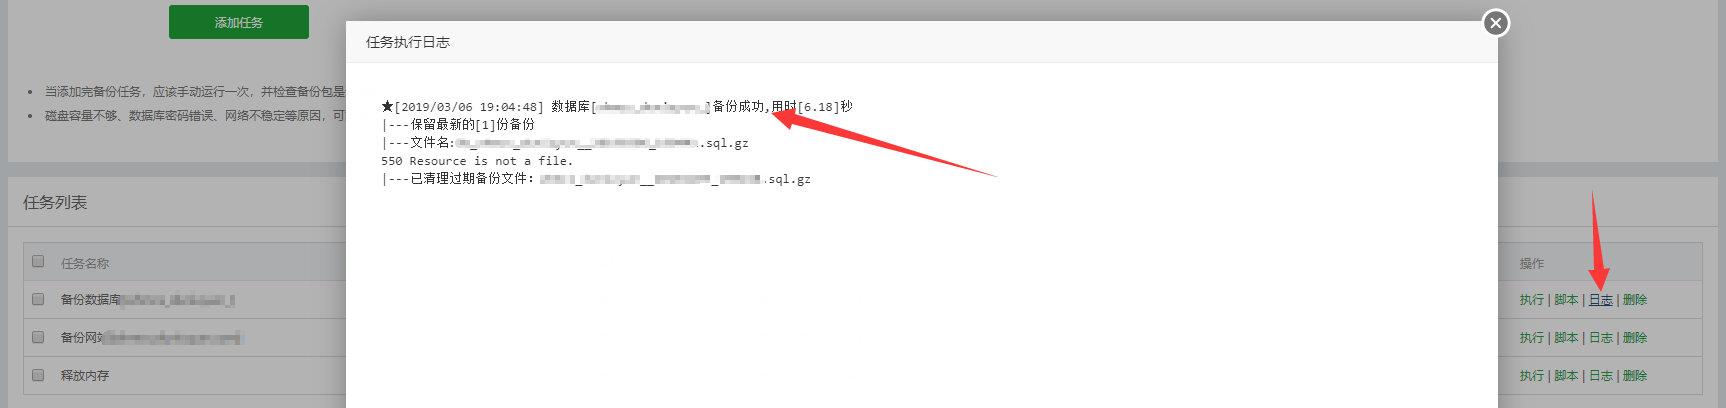 利用Openload每日免费自动备份网站/数据库 附宝塔面板实操详细教程 建站笔记 第8张